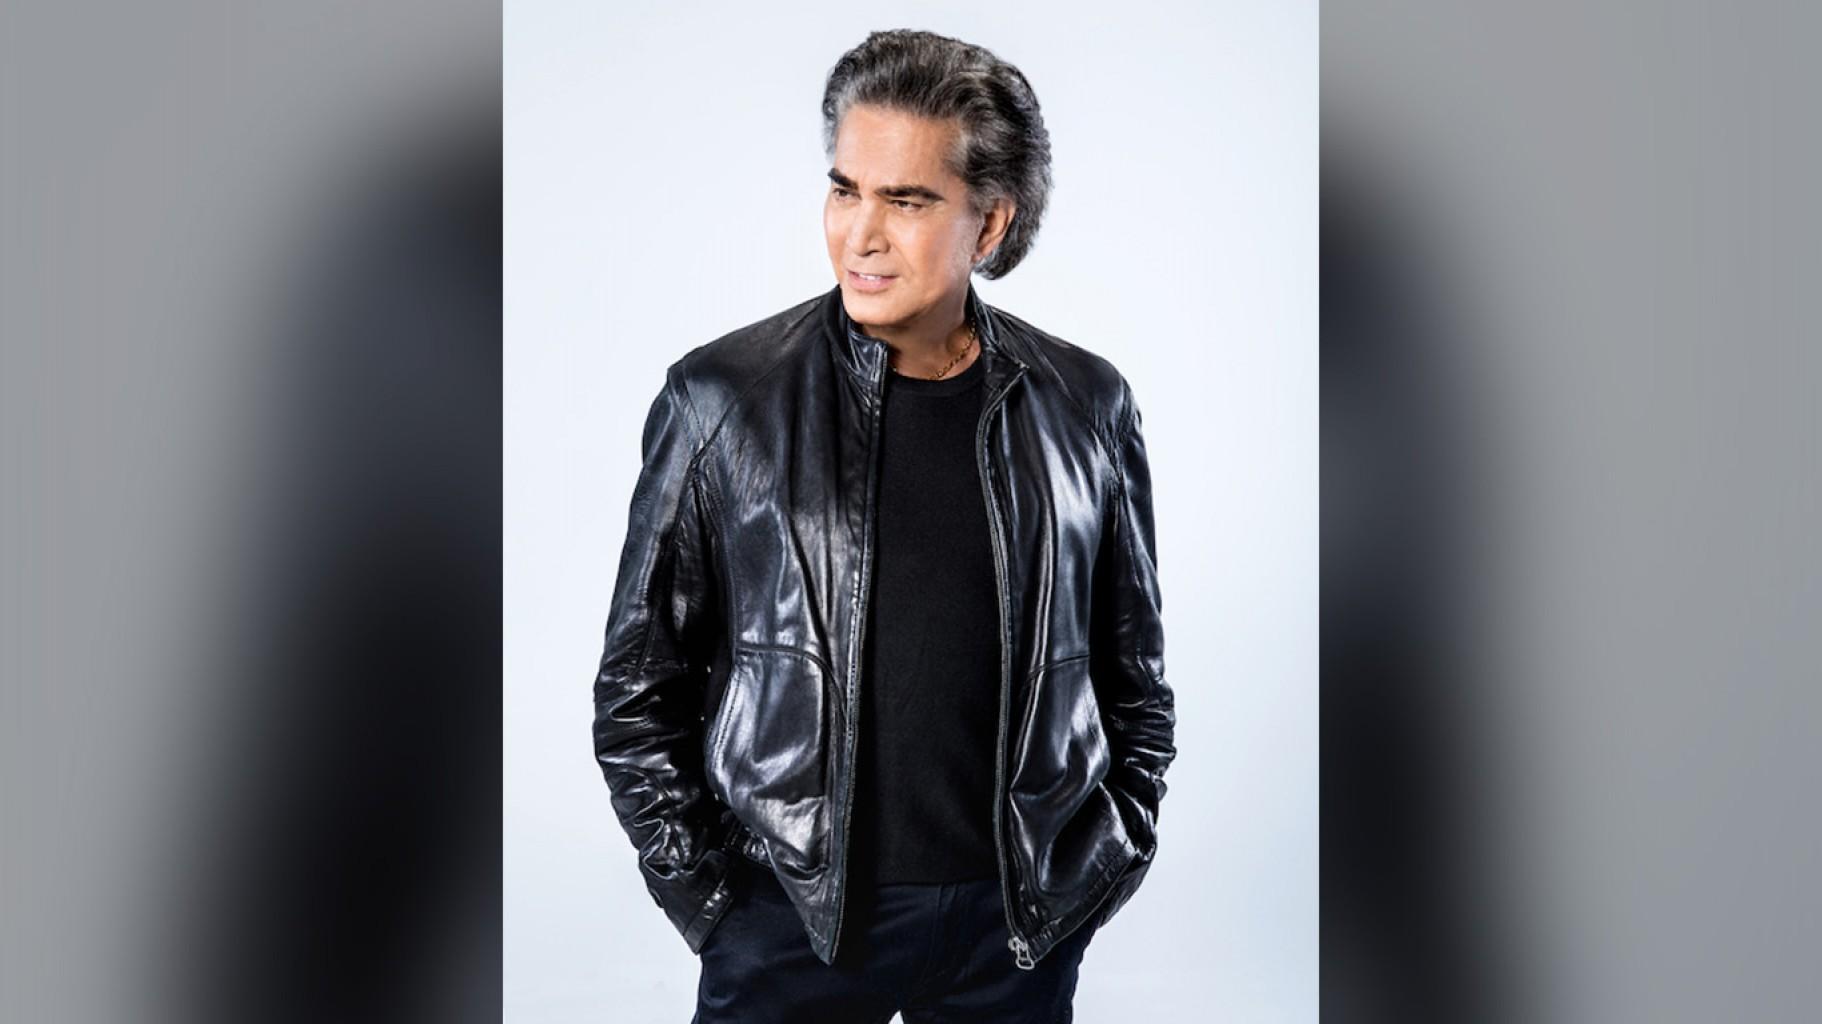 El Puma cantará en el concierto de Cúcuta